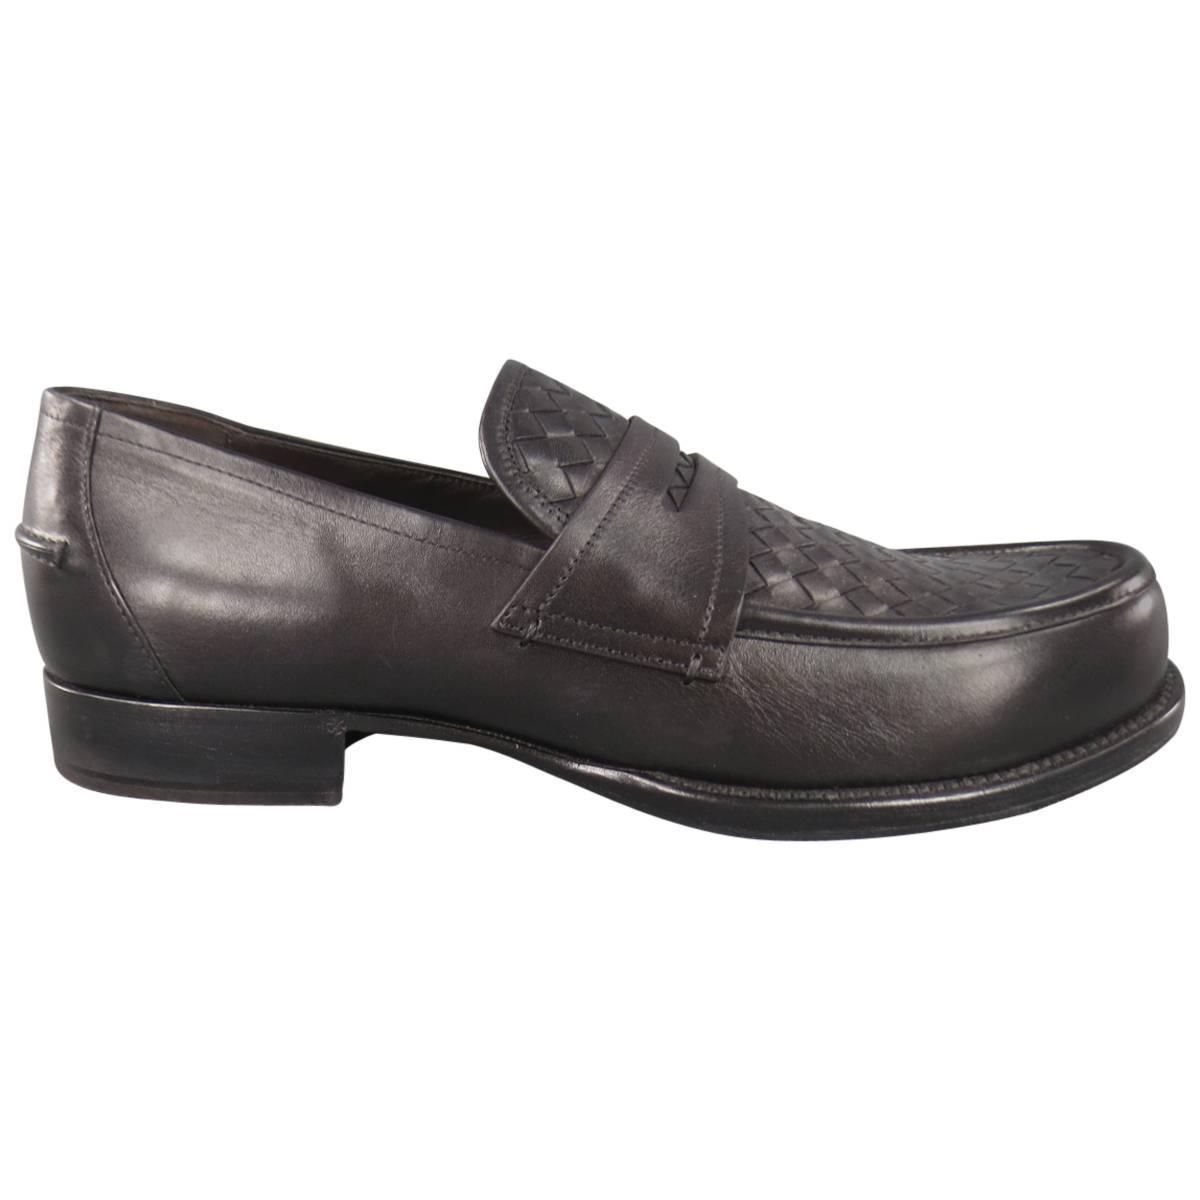 Bottega Mens Shoes Sale